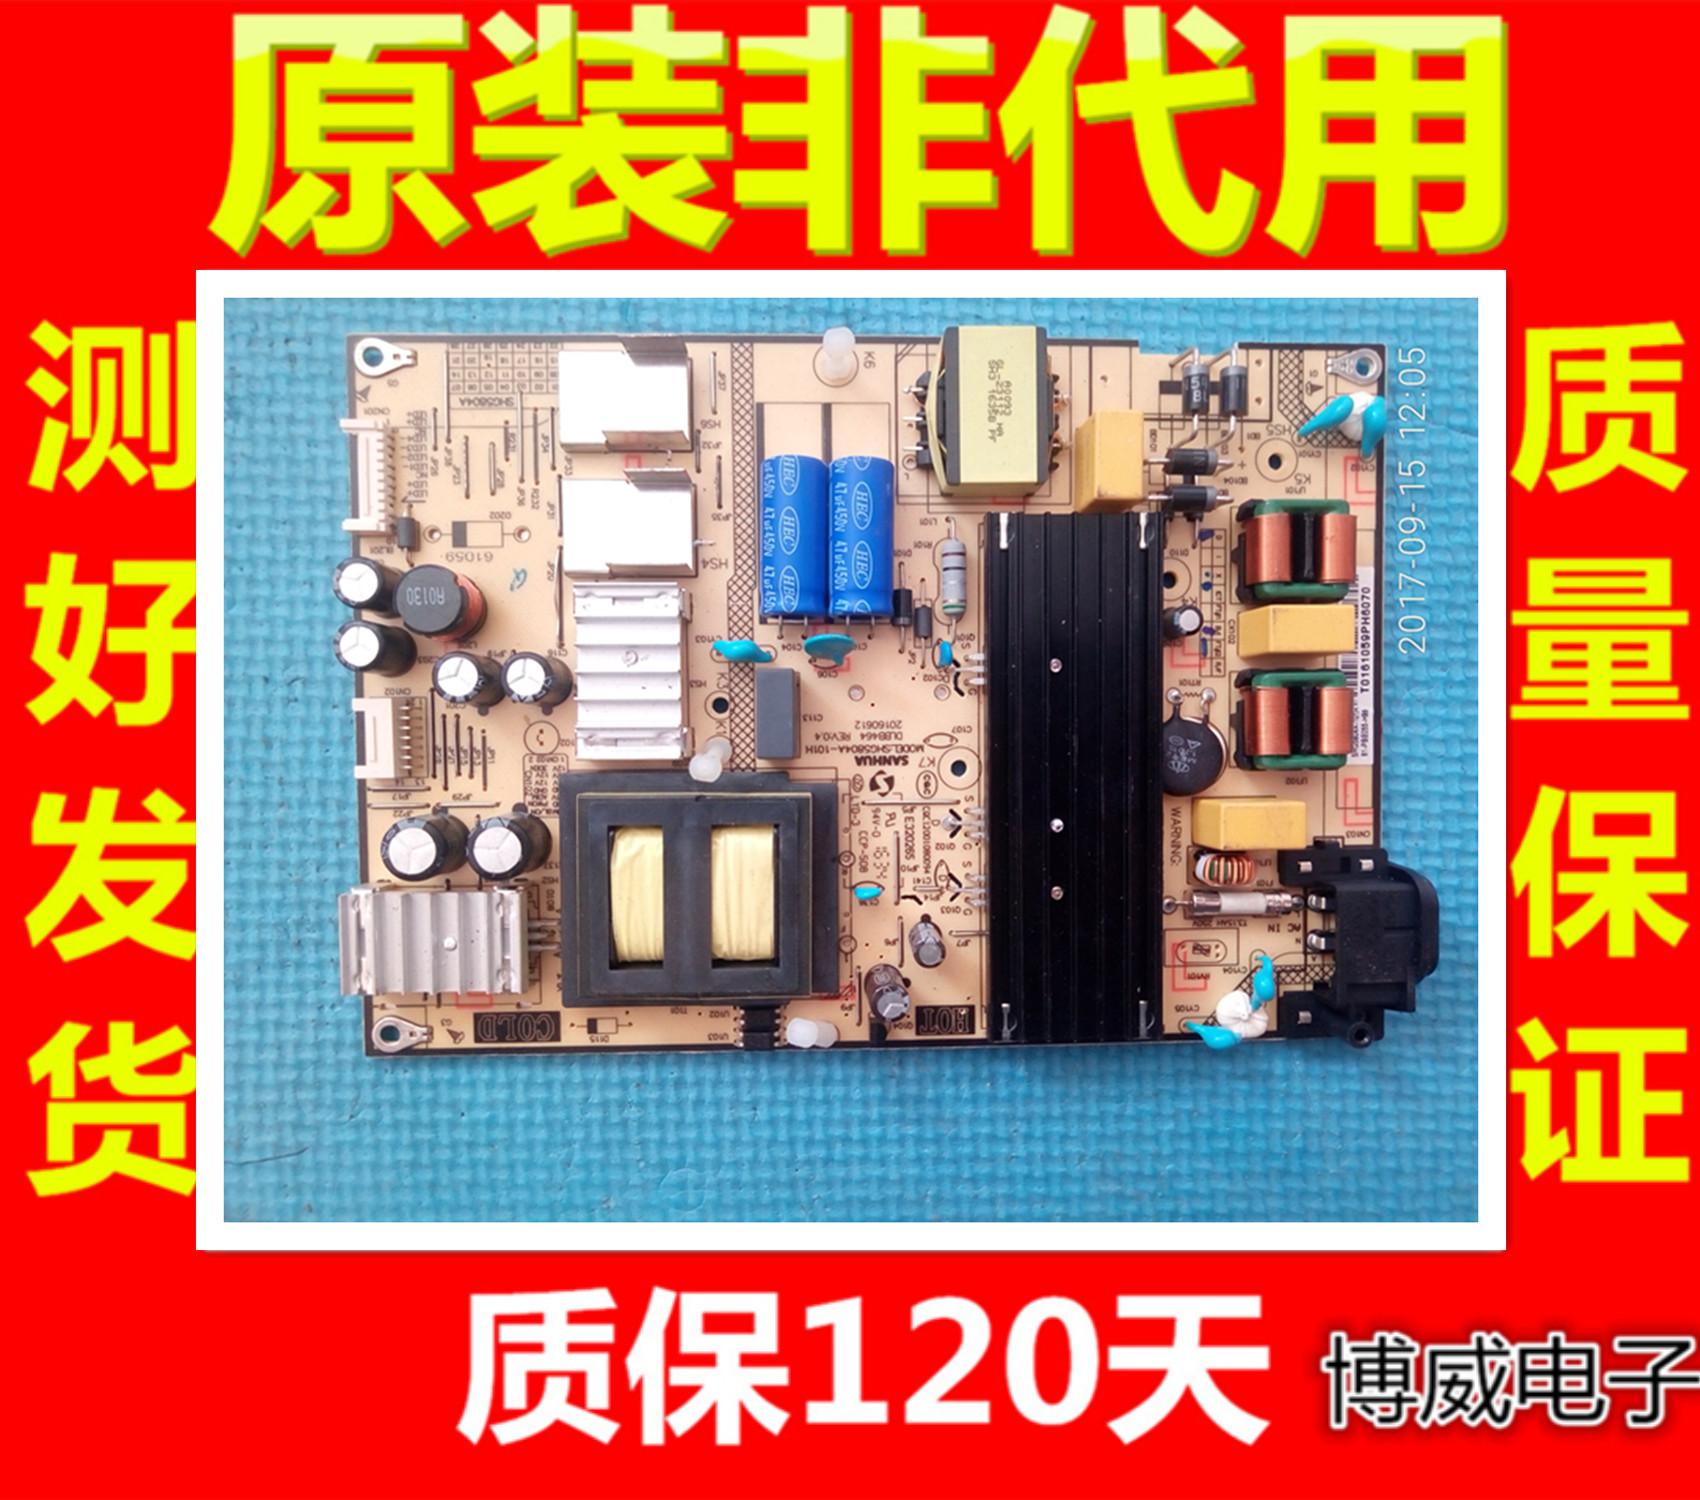 TCLL49P1A-F49 pouces à cristaux liquides intelligent d'une amplification de puissance haute tension à courant constant à la télévision de rétroéclairage de panneaux LY1427 +